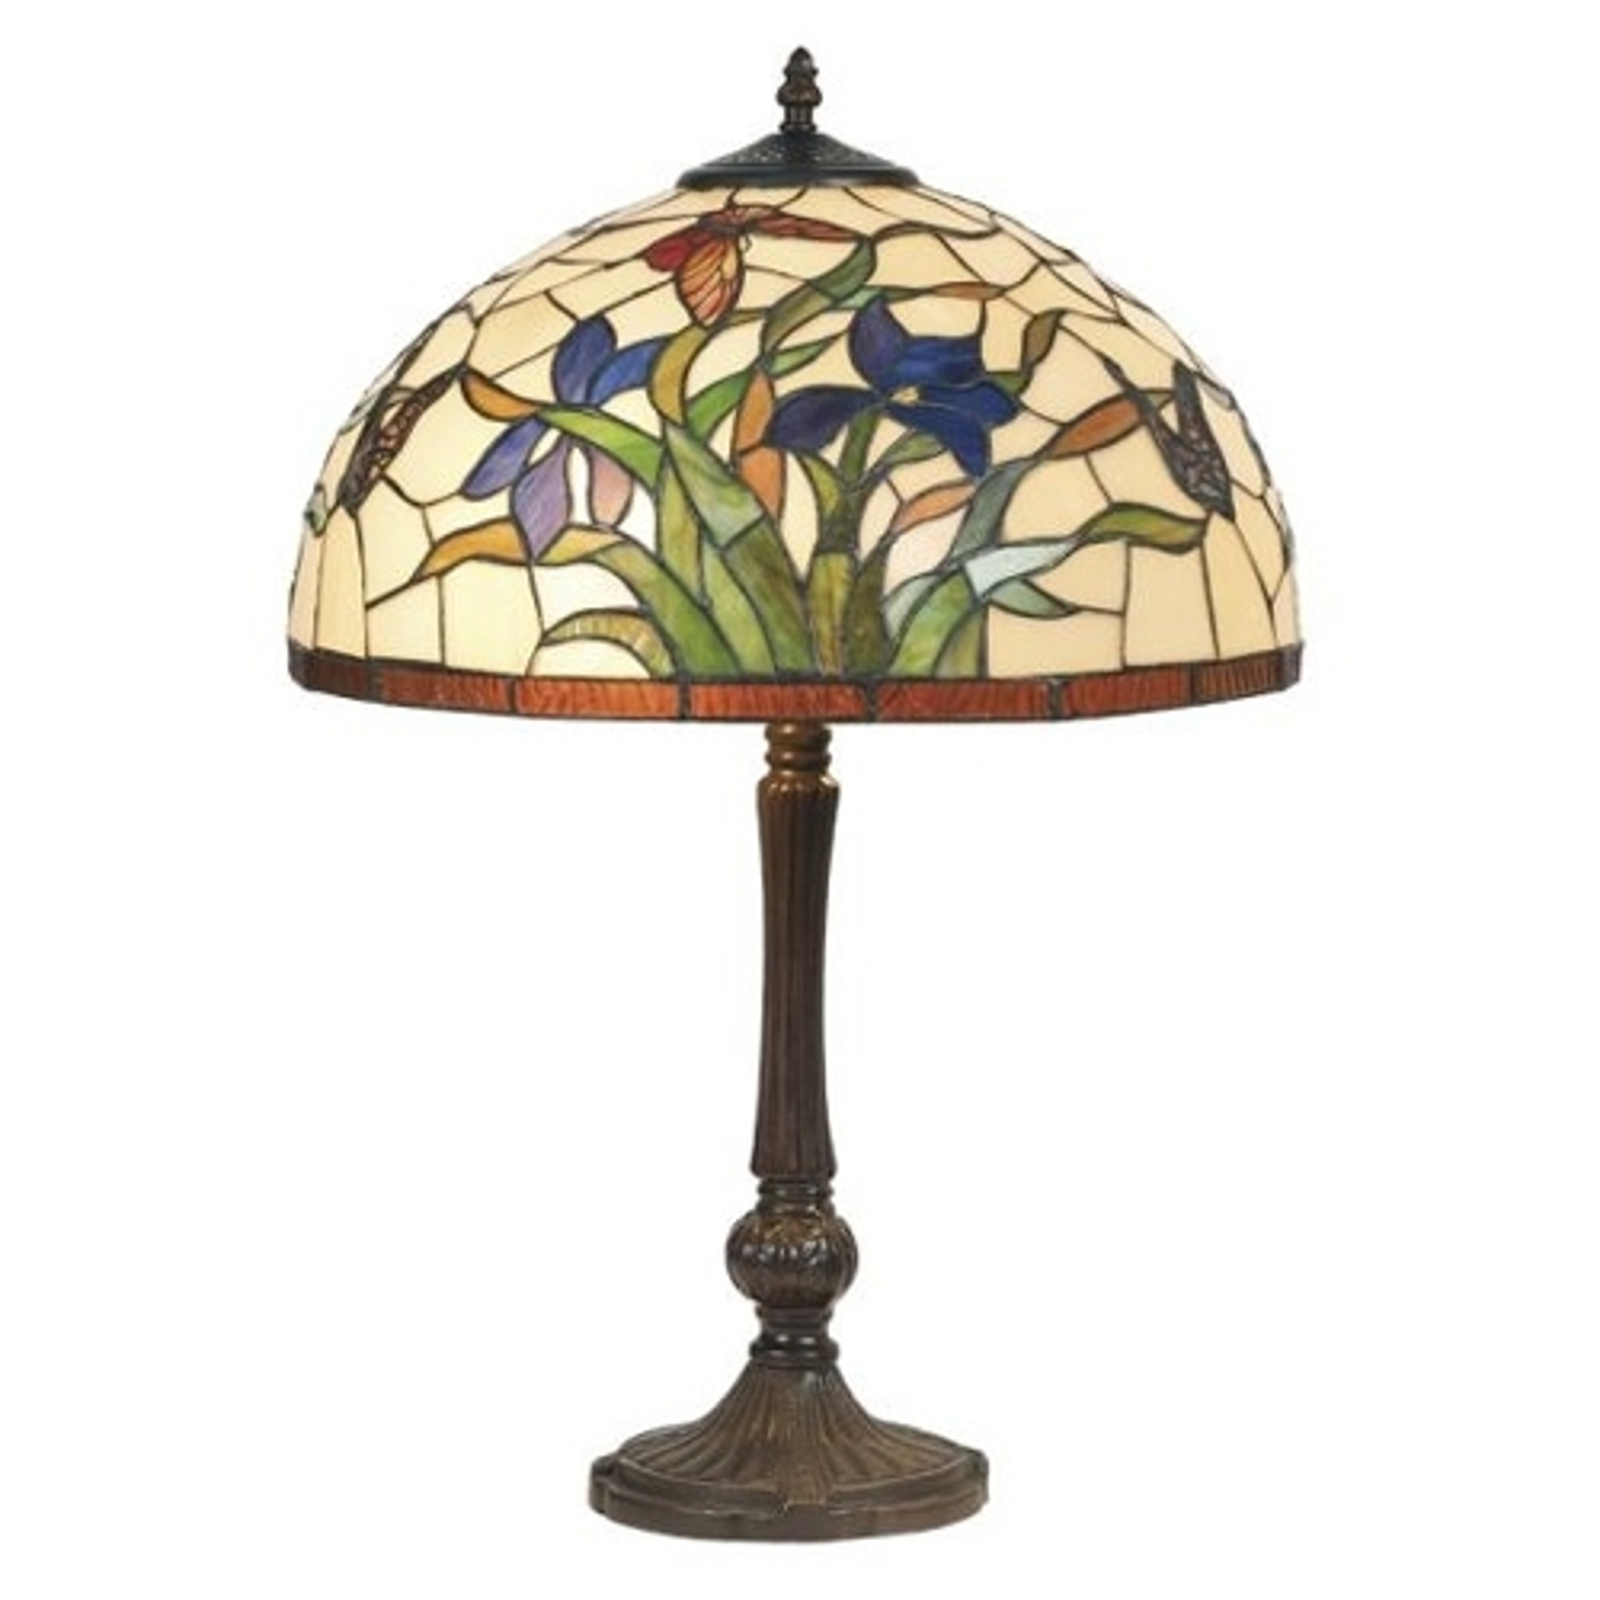 Tischleuchte Elanda im Tiffany-Stil, 62 cm